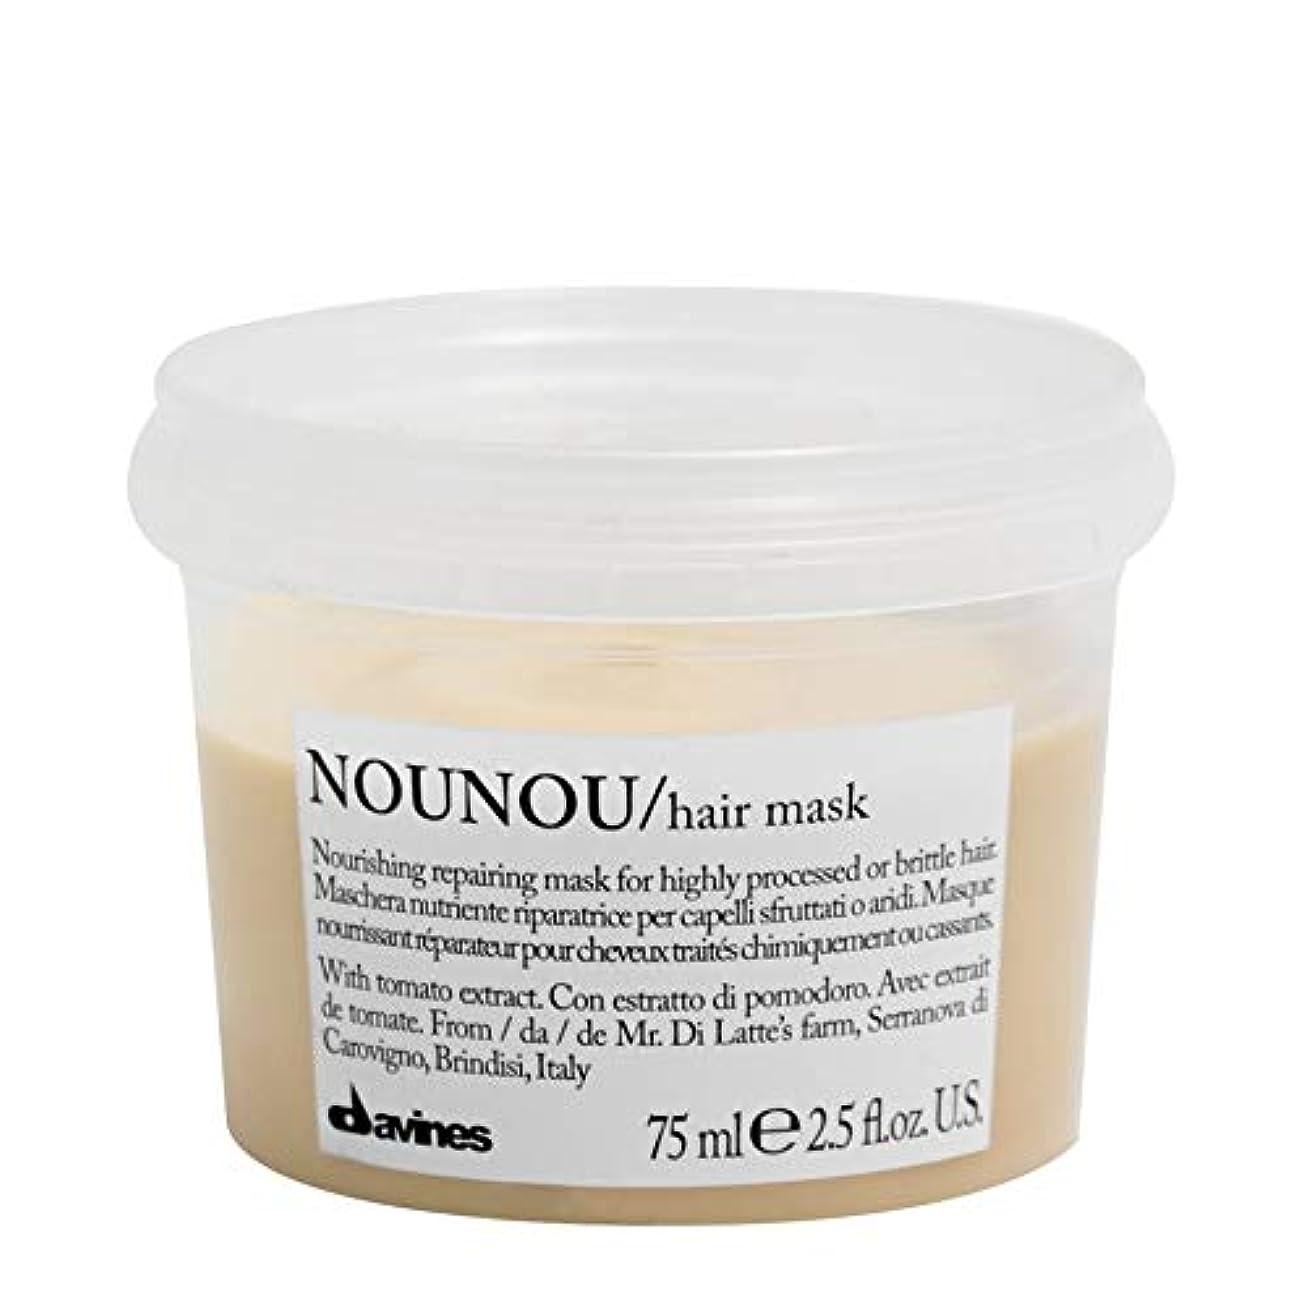 征服タイマー賃金[Davines ] ヘアマスク75ミリリットルノウノウダヴィネス - Davines NouNou Hair Mask 75ml [並行輸入品]